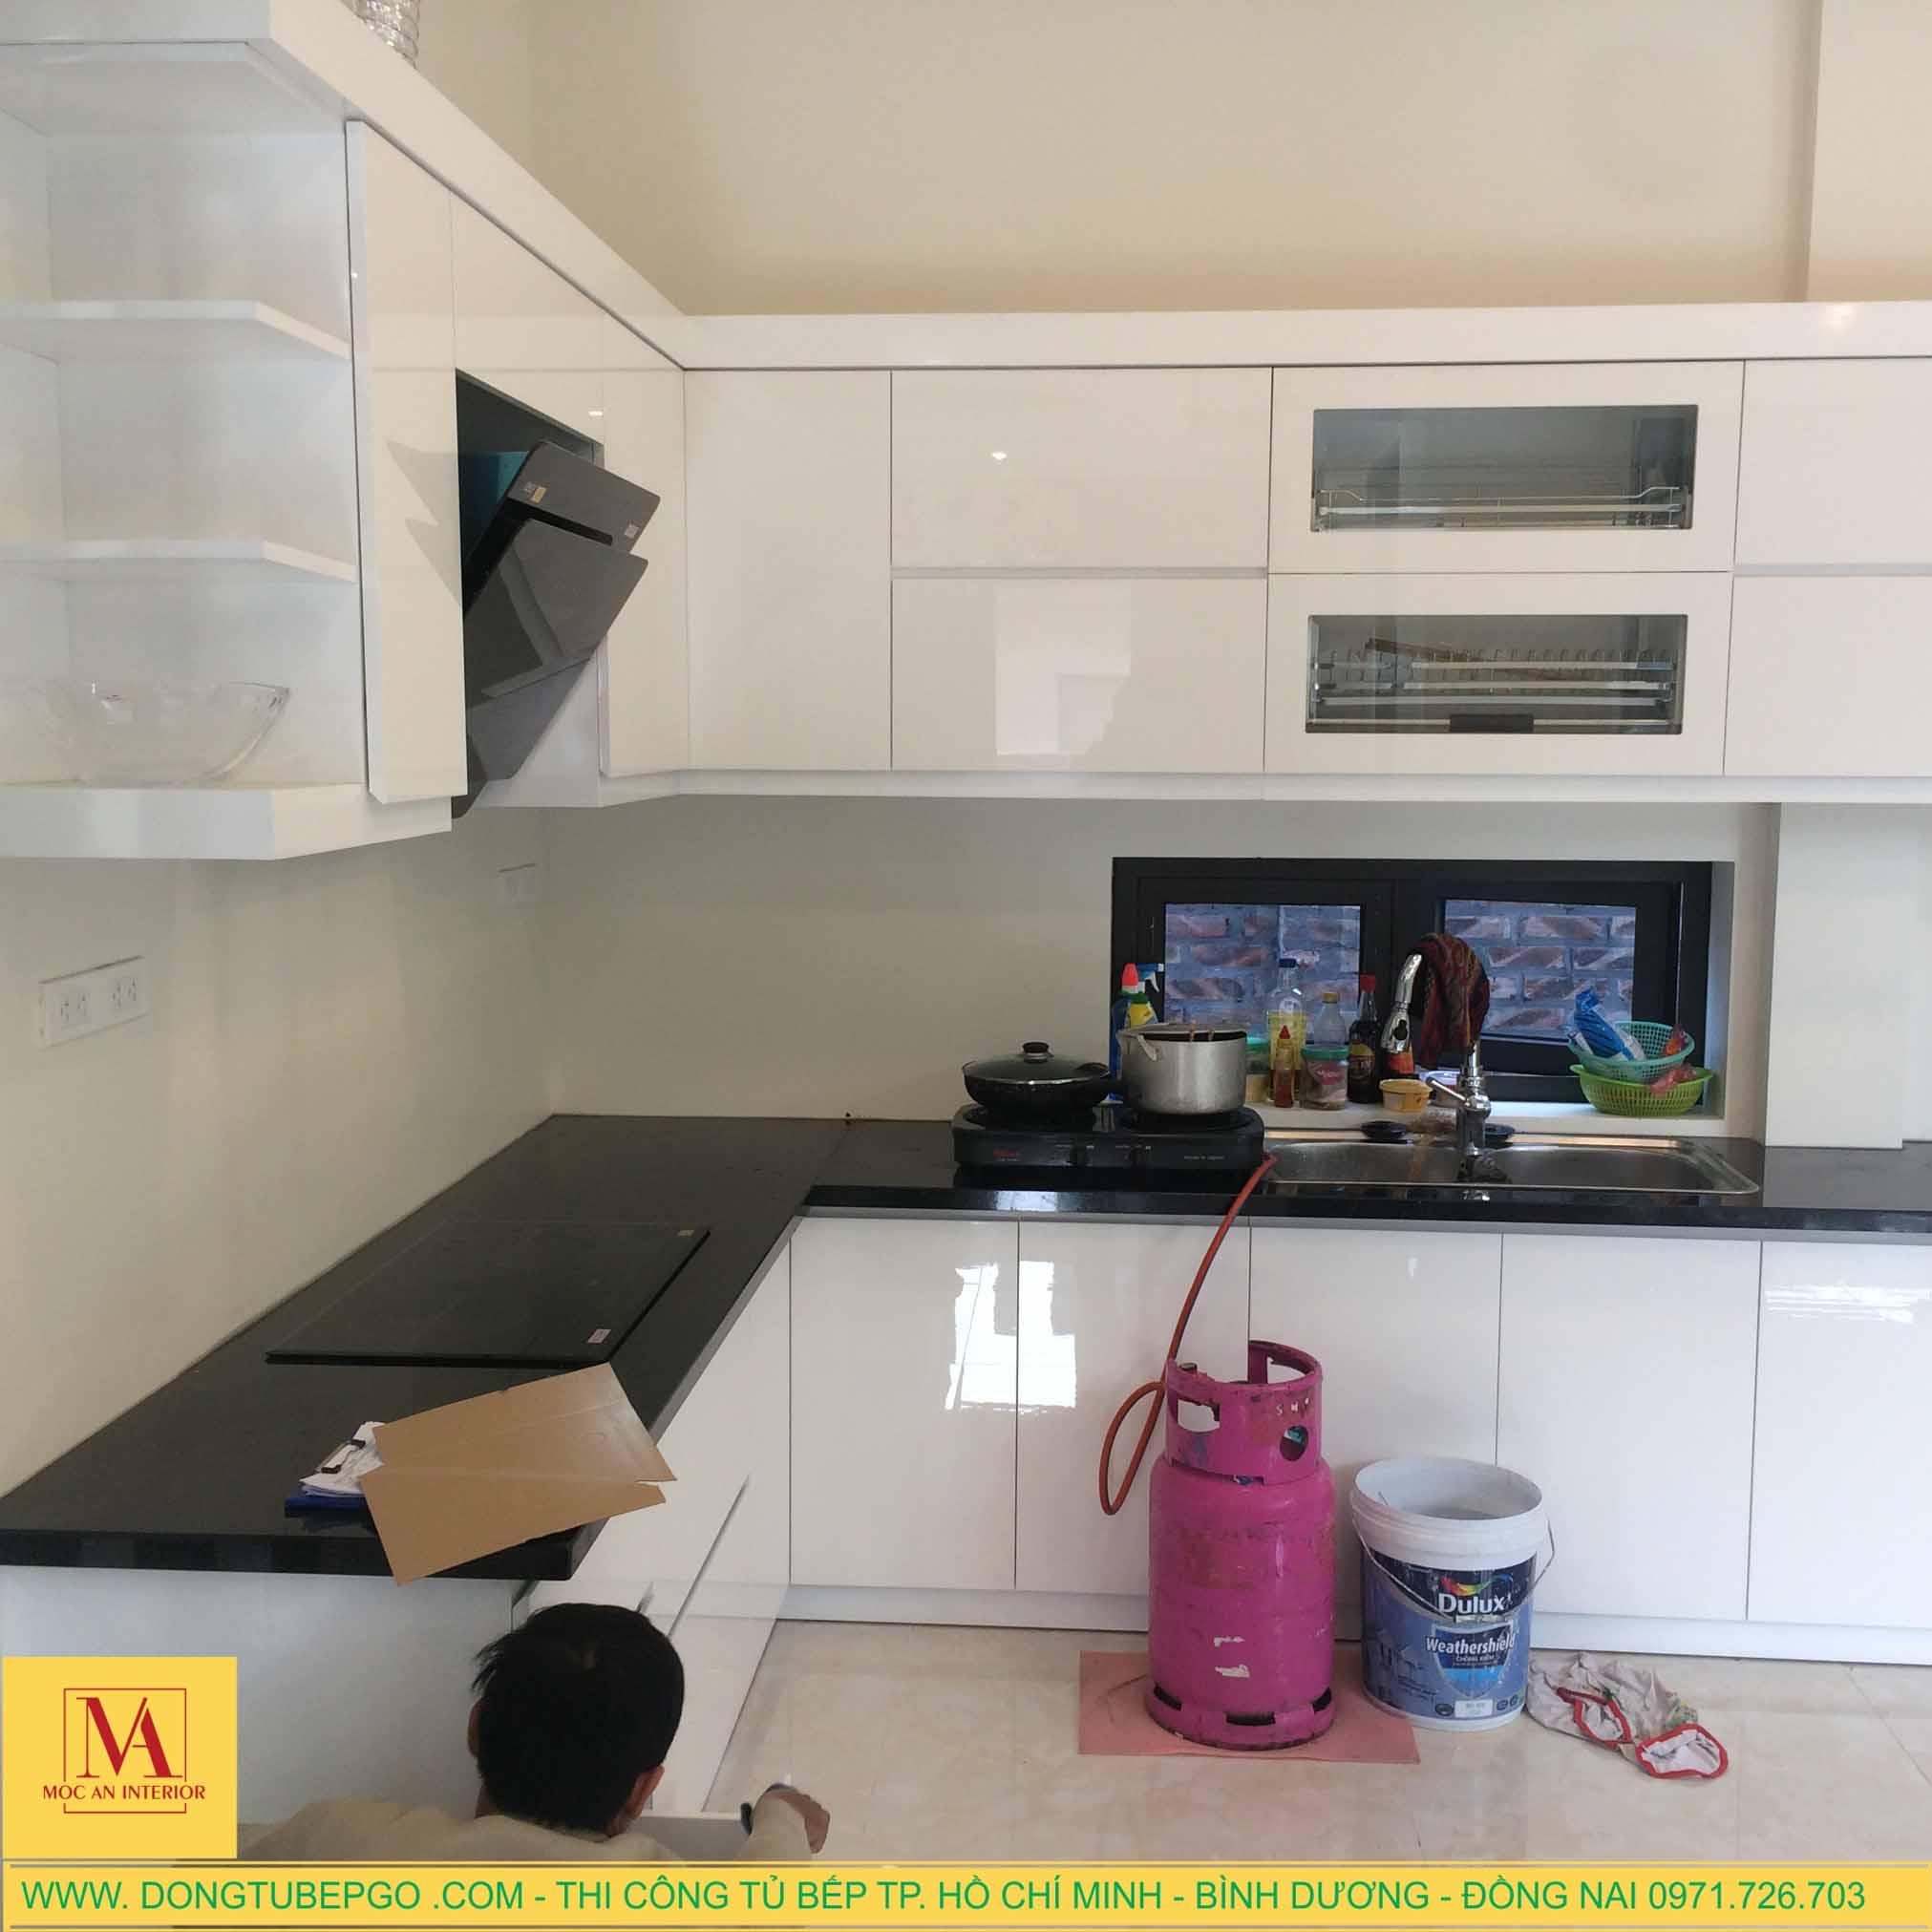 Thi công đóng tủ bếp Acrylic ở Dĩ An, Bình Dương.